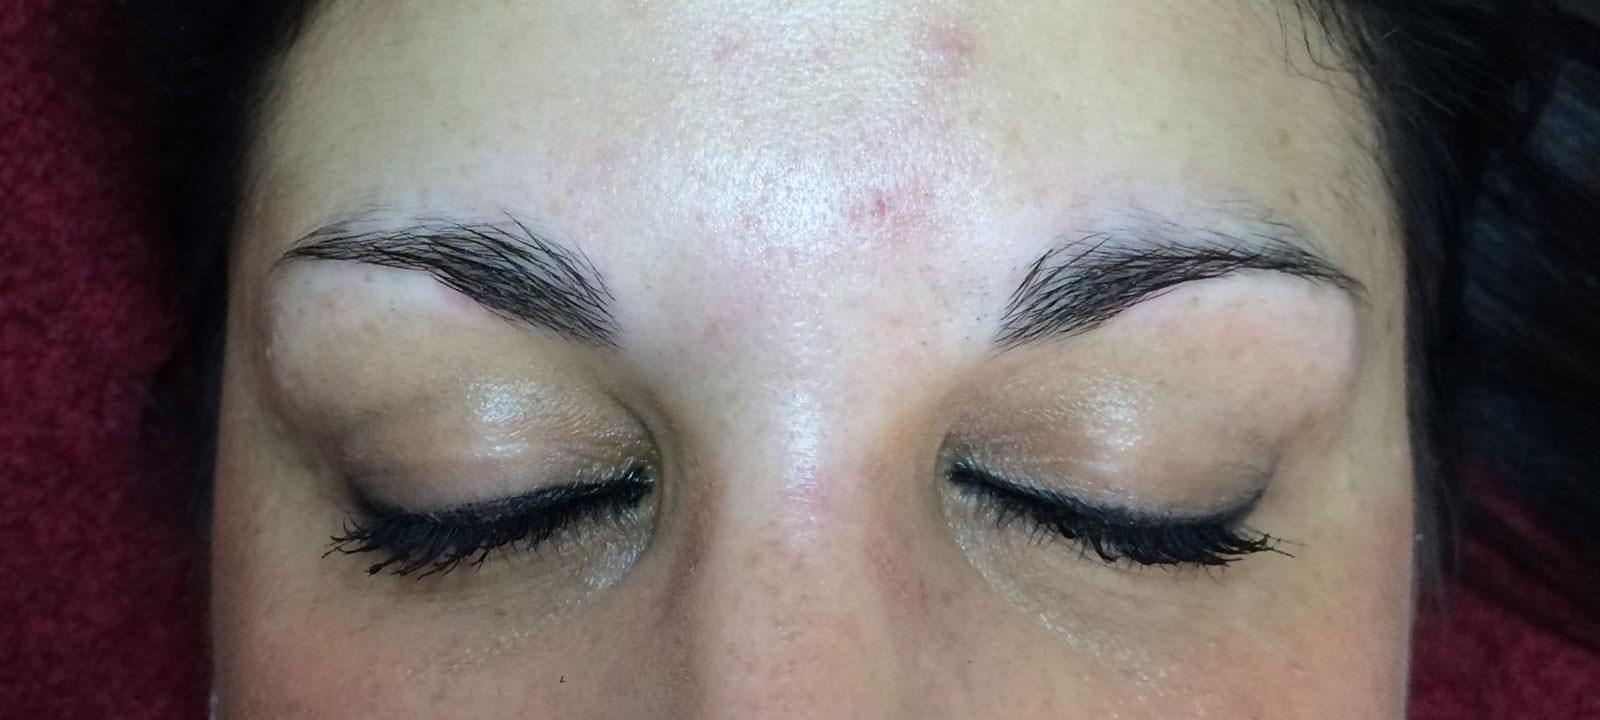 mauillage-permanent-sourcils-avant